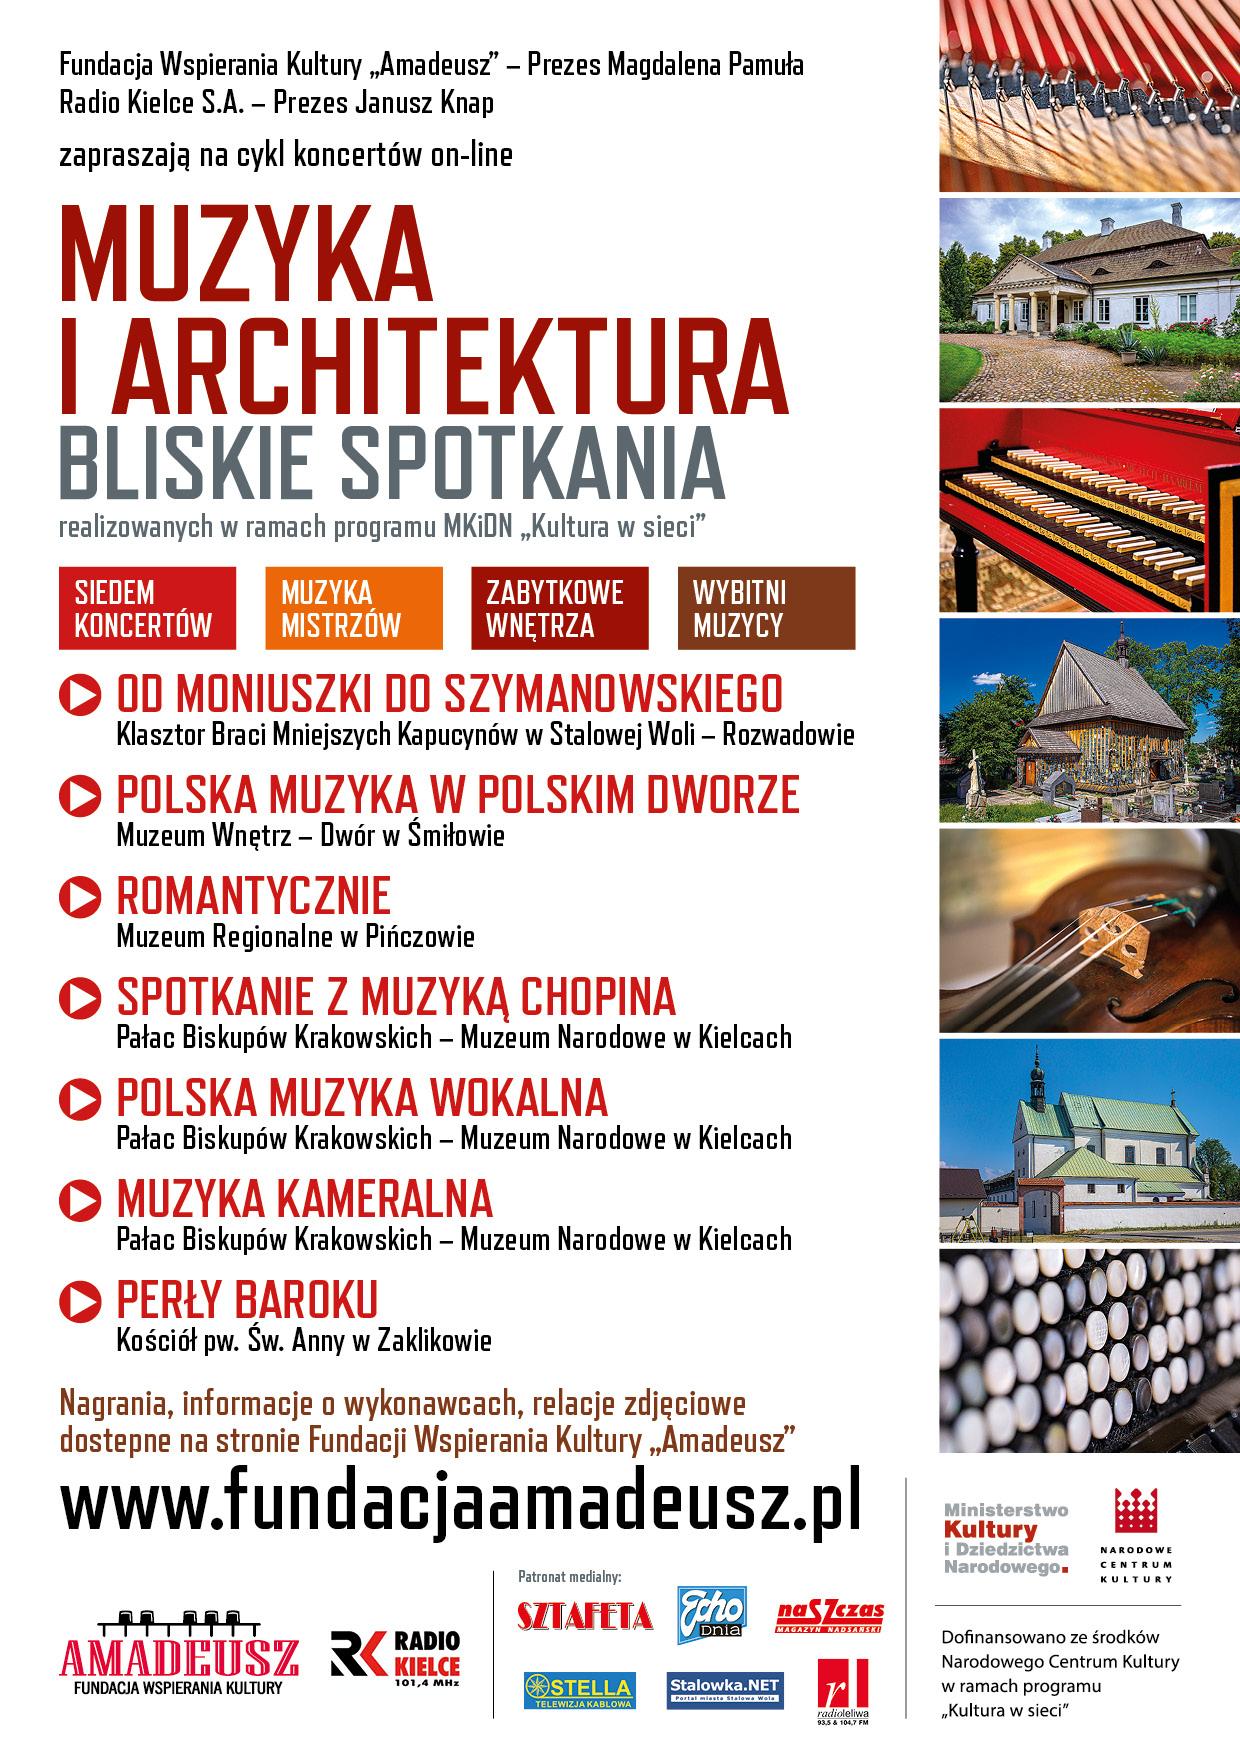 Bliskie spotkania muzyki i architektury